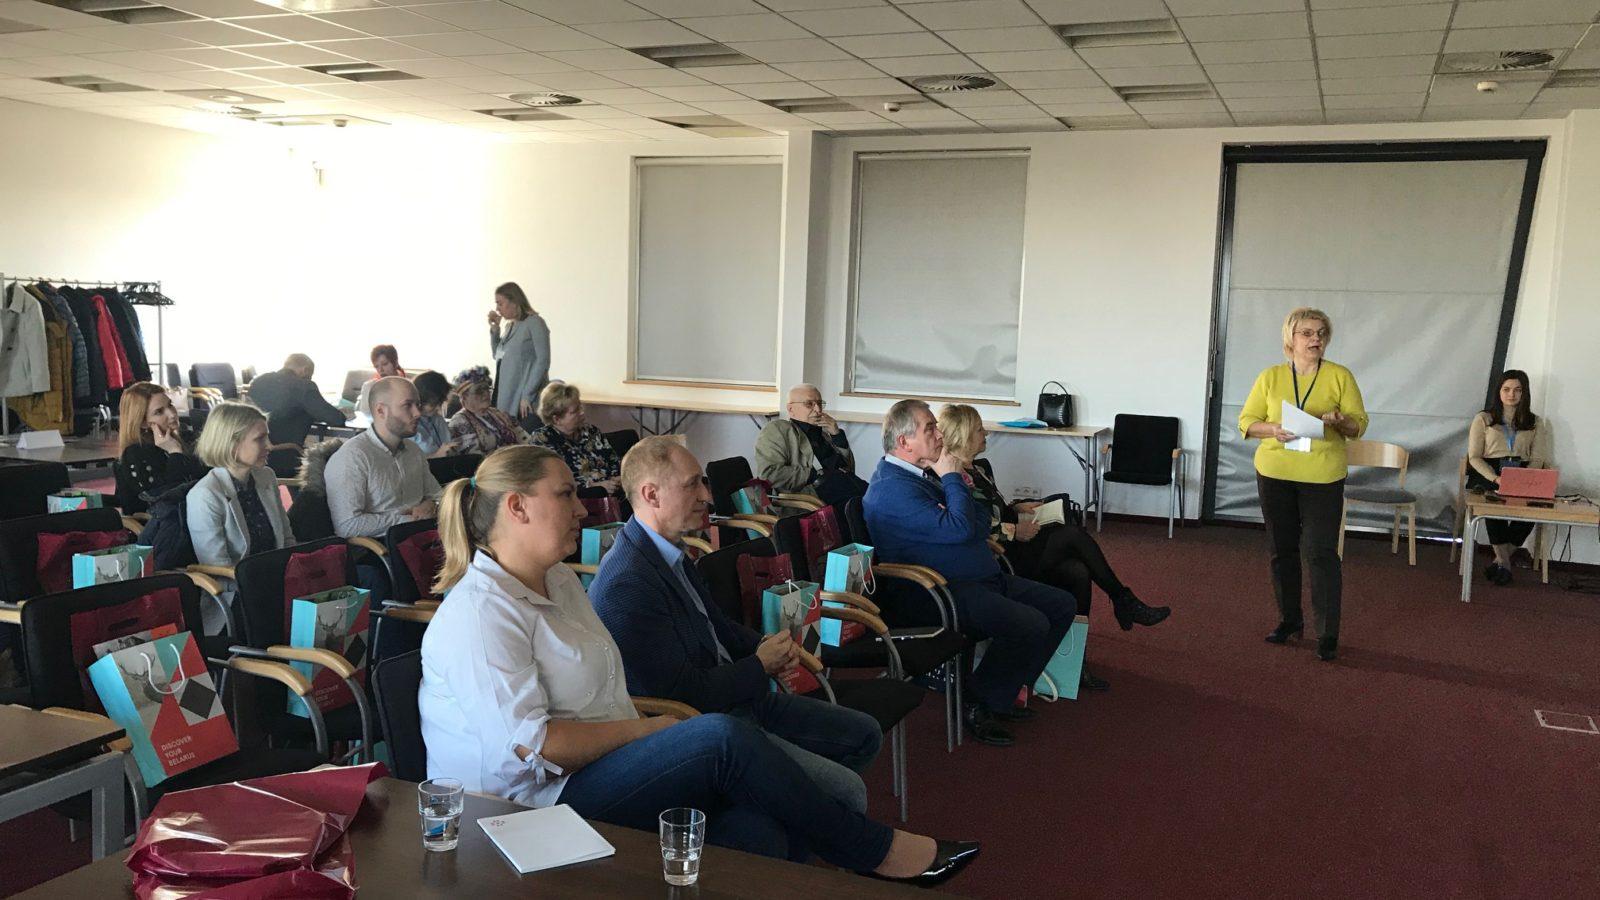 Prezentacja   potencjału   turystycznego   Białorusi   odbyła   się   20   lutego   w   Poznaniu.